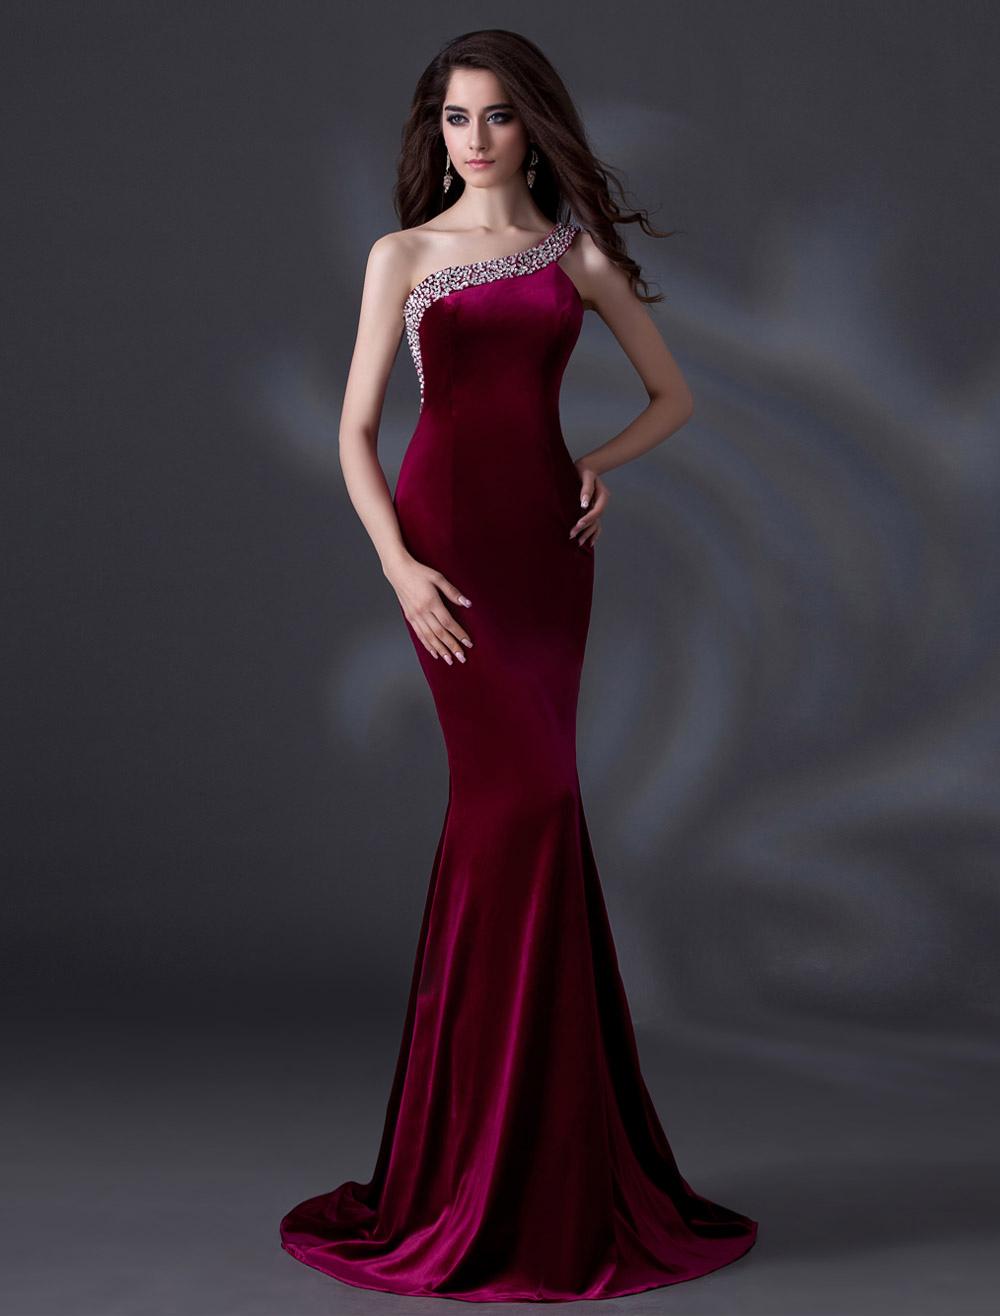 Elegant Burgundy One-Shoulder Beading Mermaid Velvet Evening Dress ...